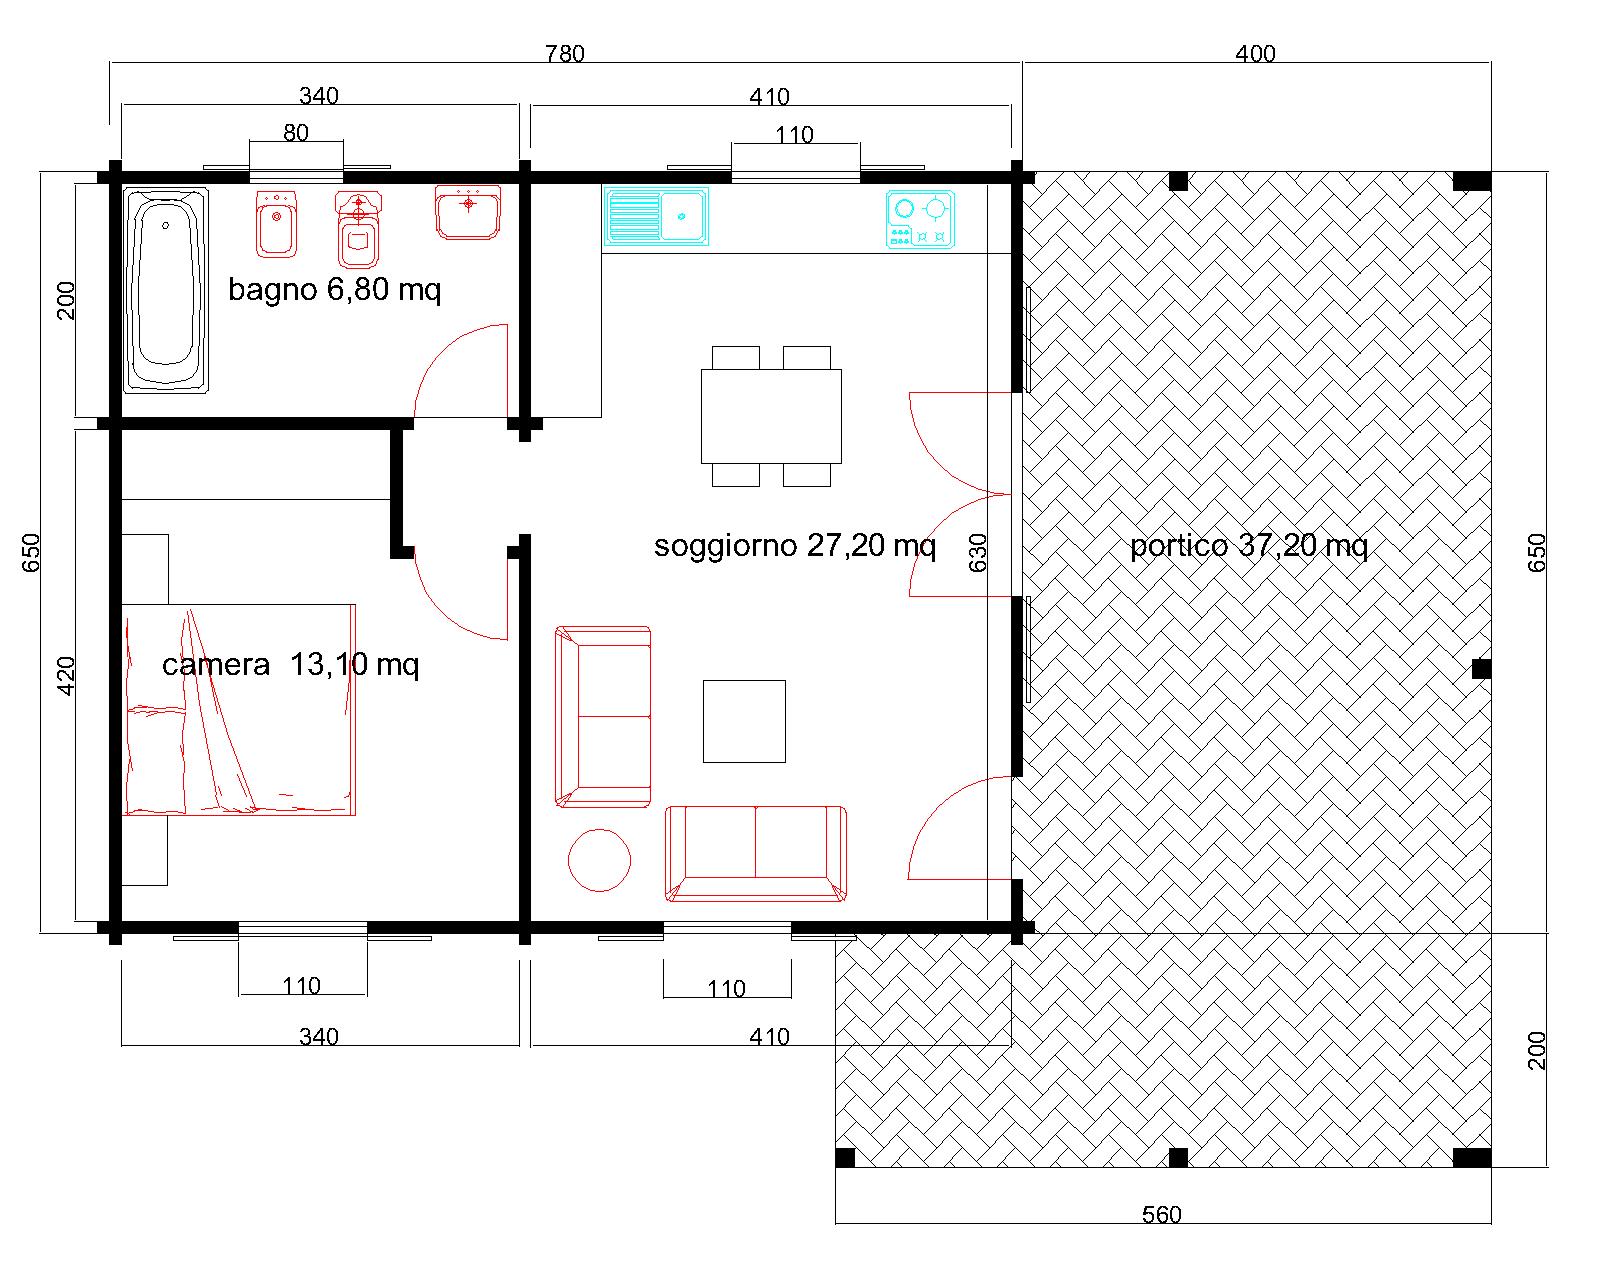 Progetti di case in legno: CASA 51 MQ + PORTICO 37 MQ